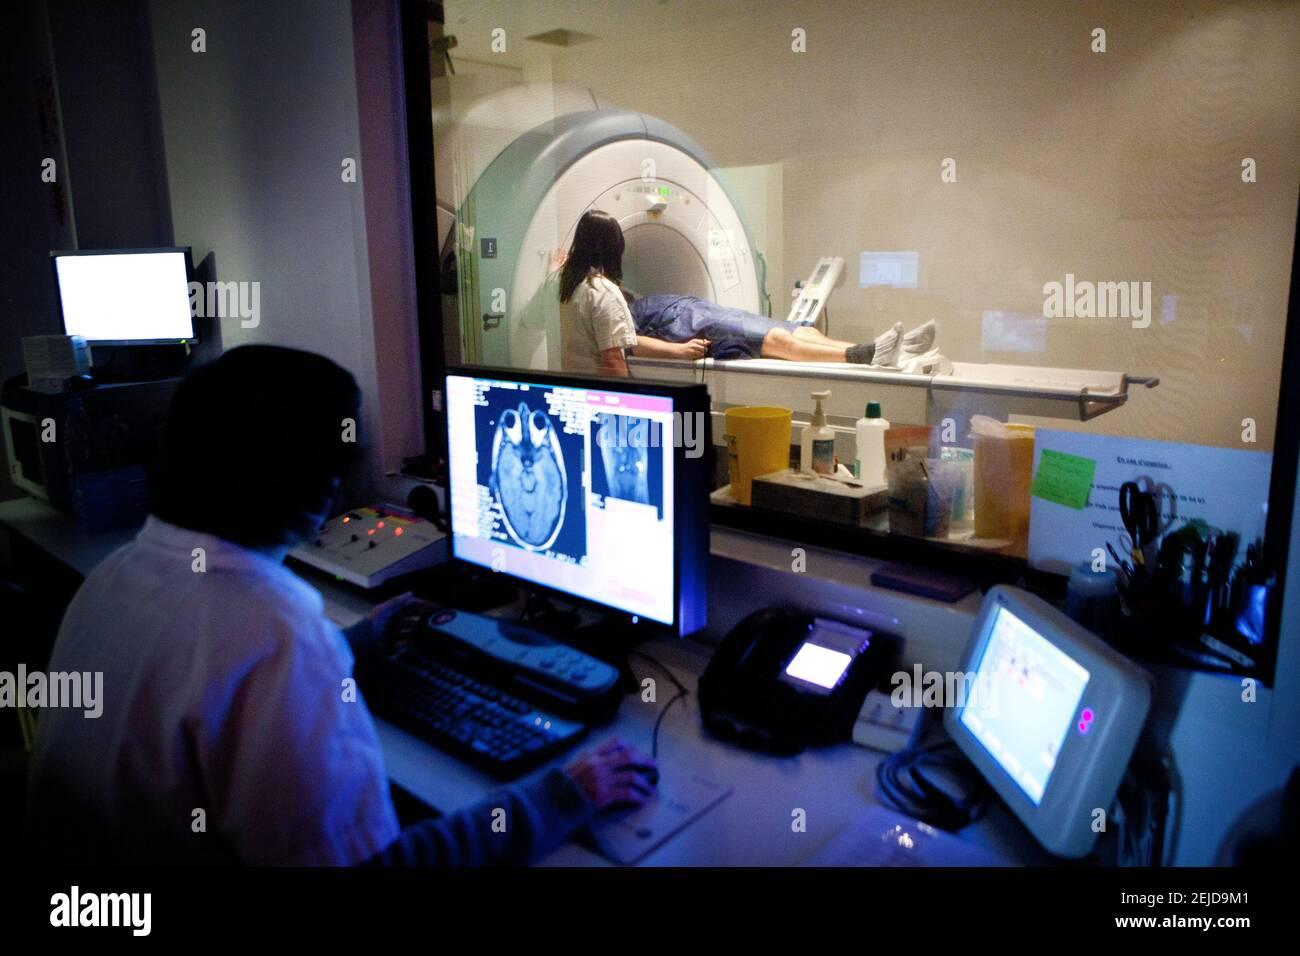 IRM ou imagerie par résonance magnétique de la tête d'un patient. Banque D'Images